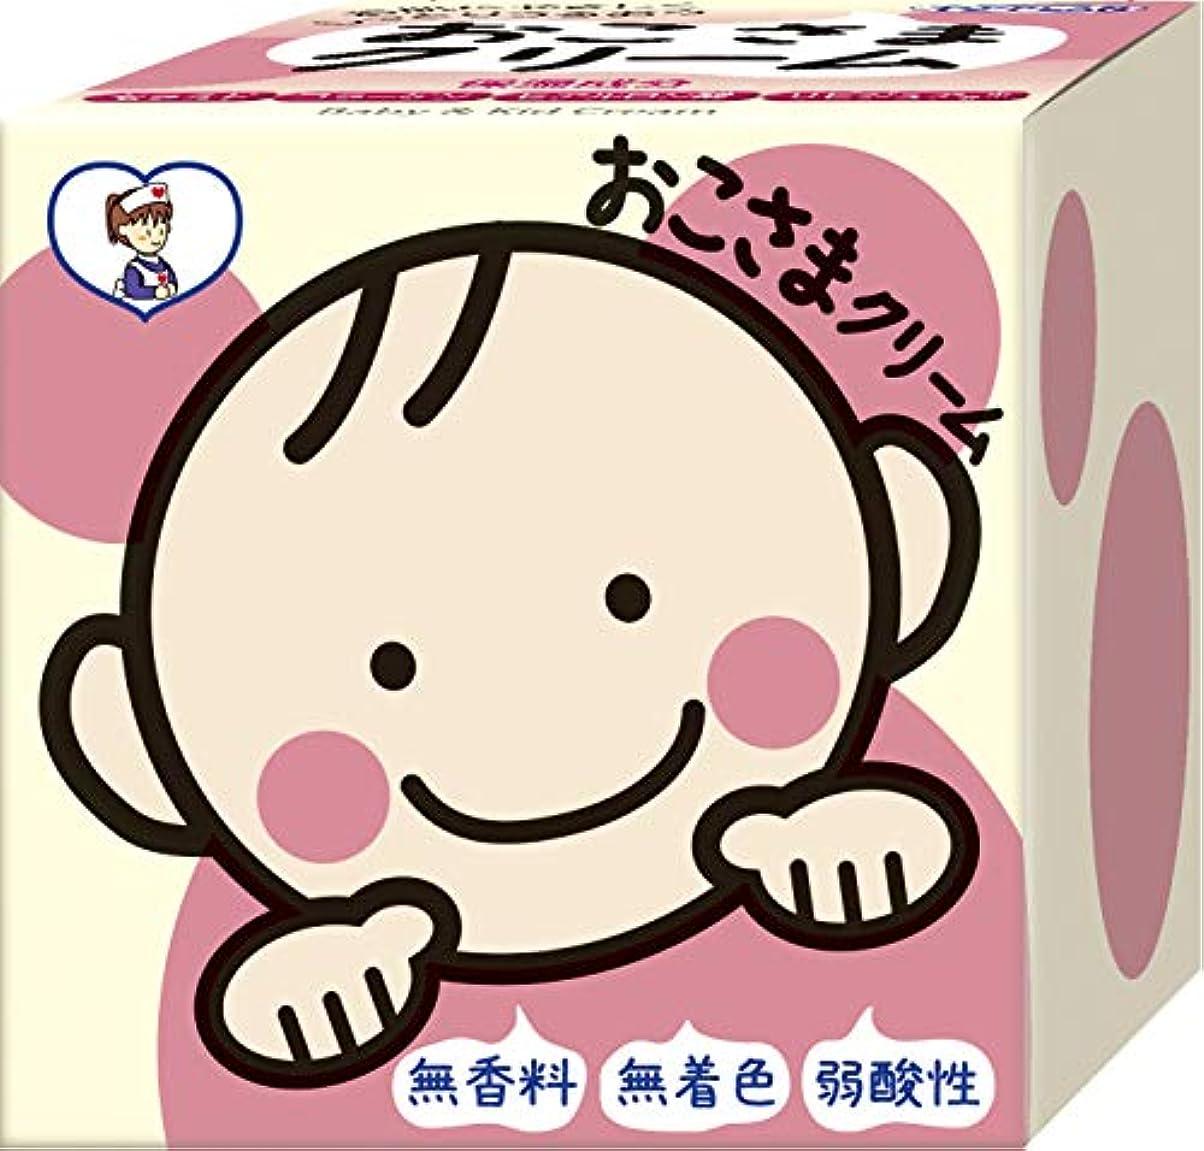 代わって肺炎ぜいたくTO-PLAN(トプラン) おこさまクリーム110g 無着色 無香料 低刺激クリーム